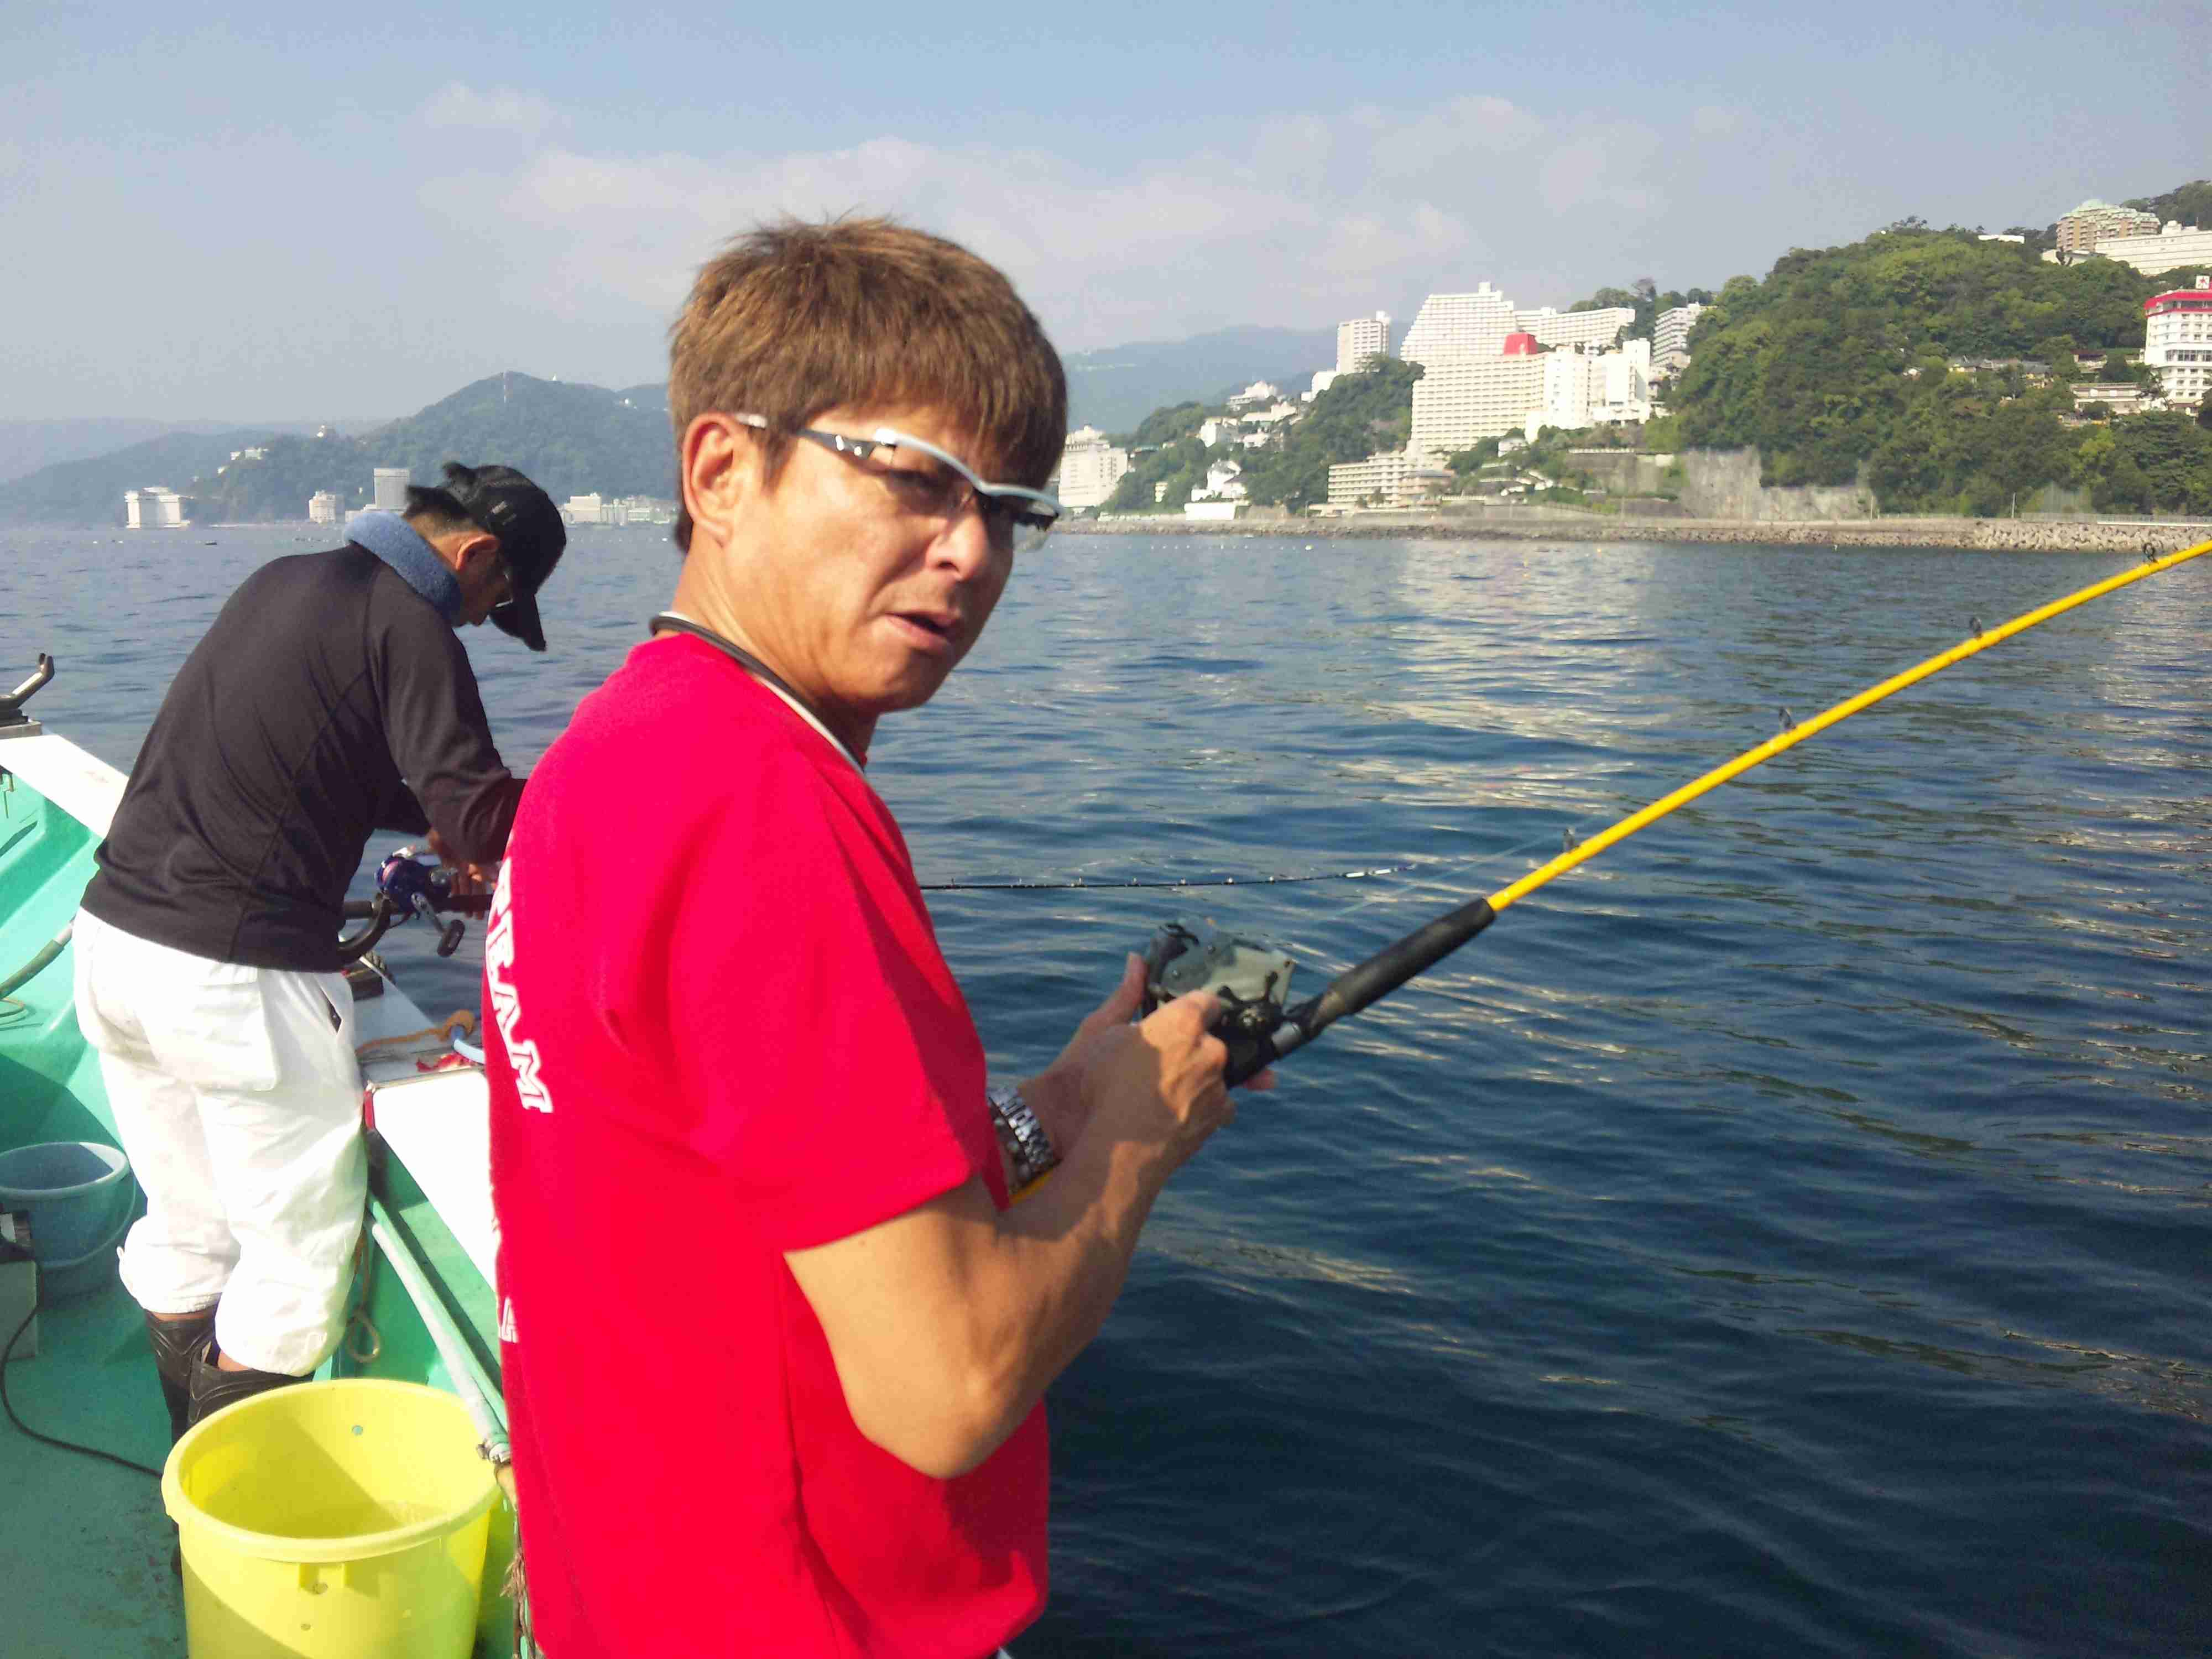 哀川翔、撮影そっちのけで島を満喫「アジを50匹釣った」